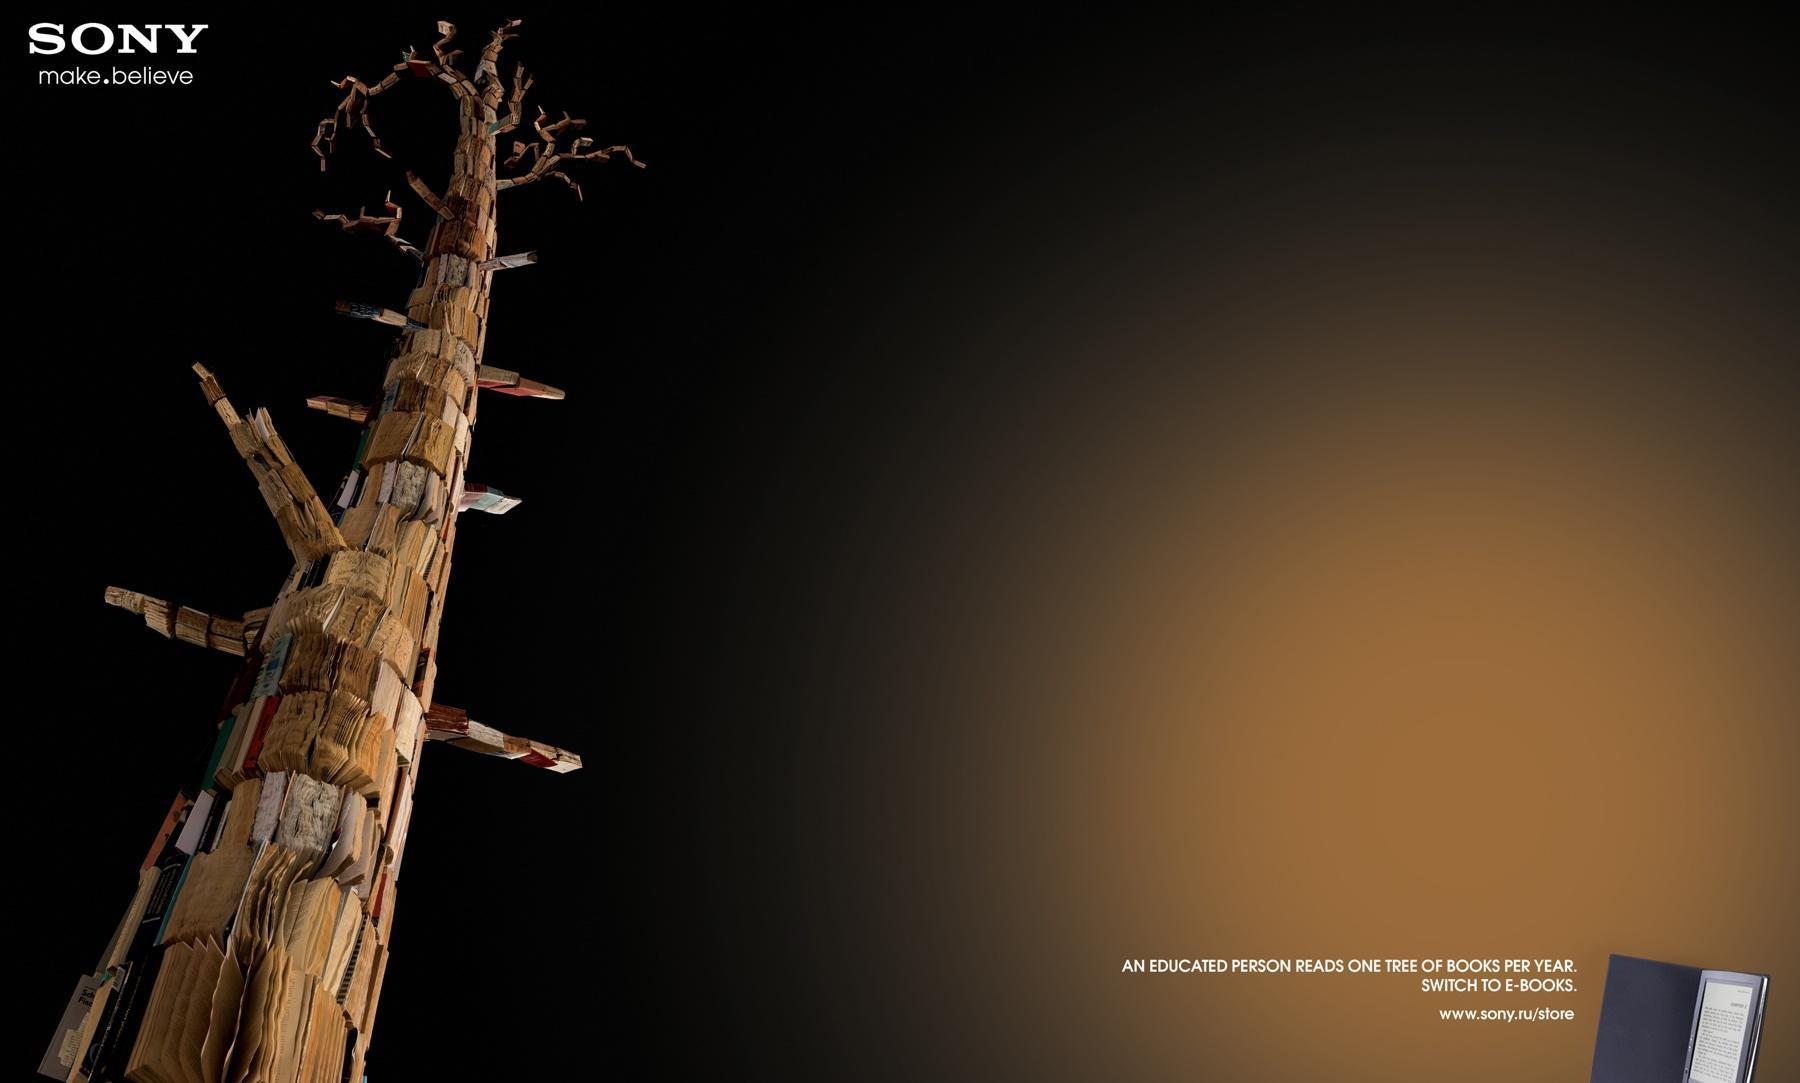 تبلیغ کتابخوان سونی: هر فرد تحصیل کرده در سال به اندازه یک درخت مطالعه می کند.